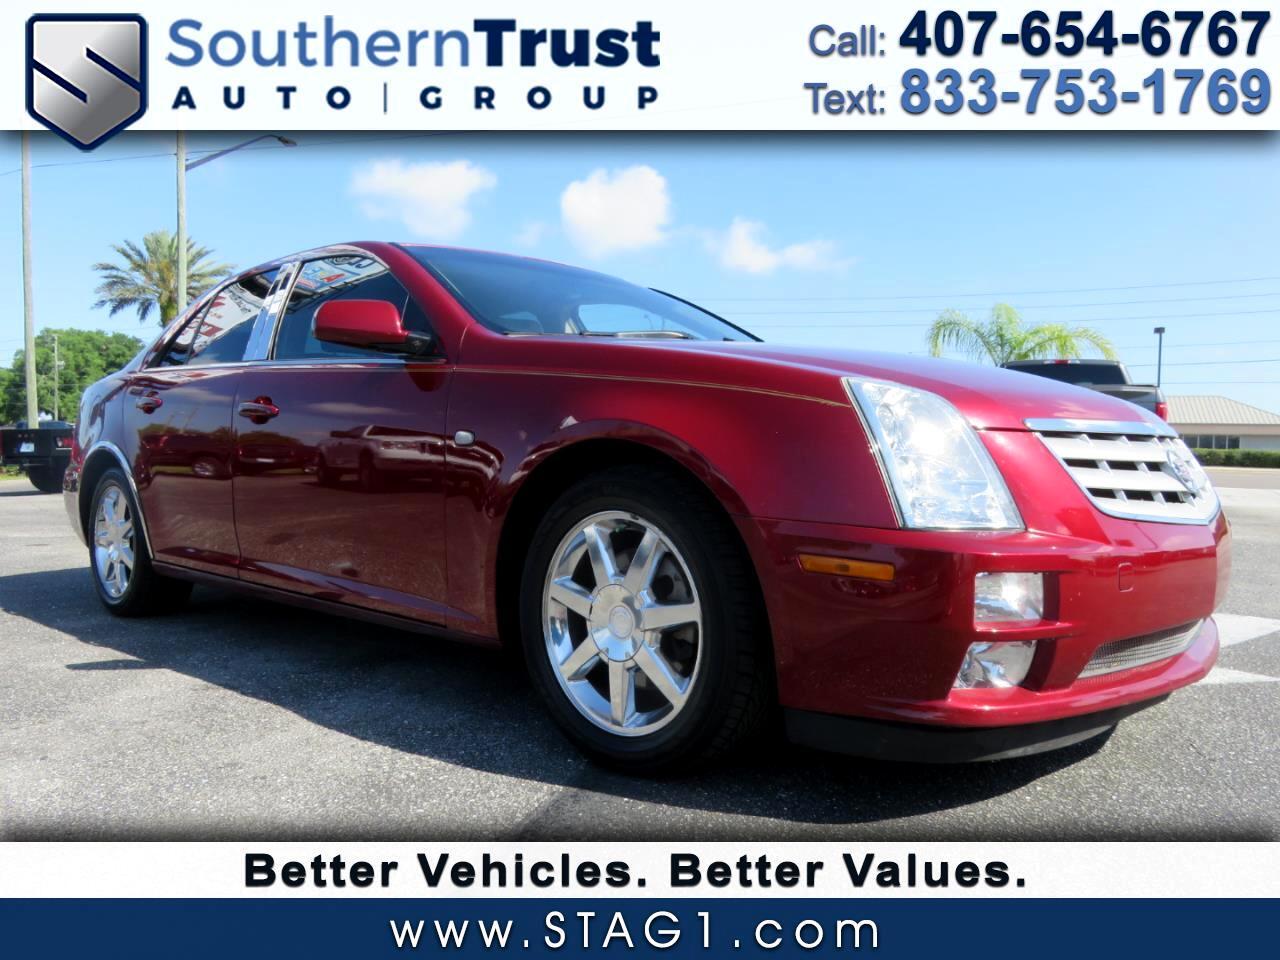 Cadillac STS 4dr Sdn V6 2005